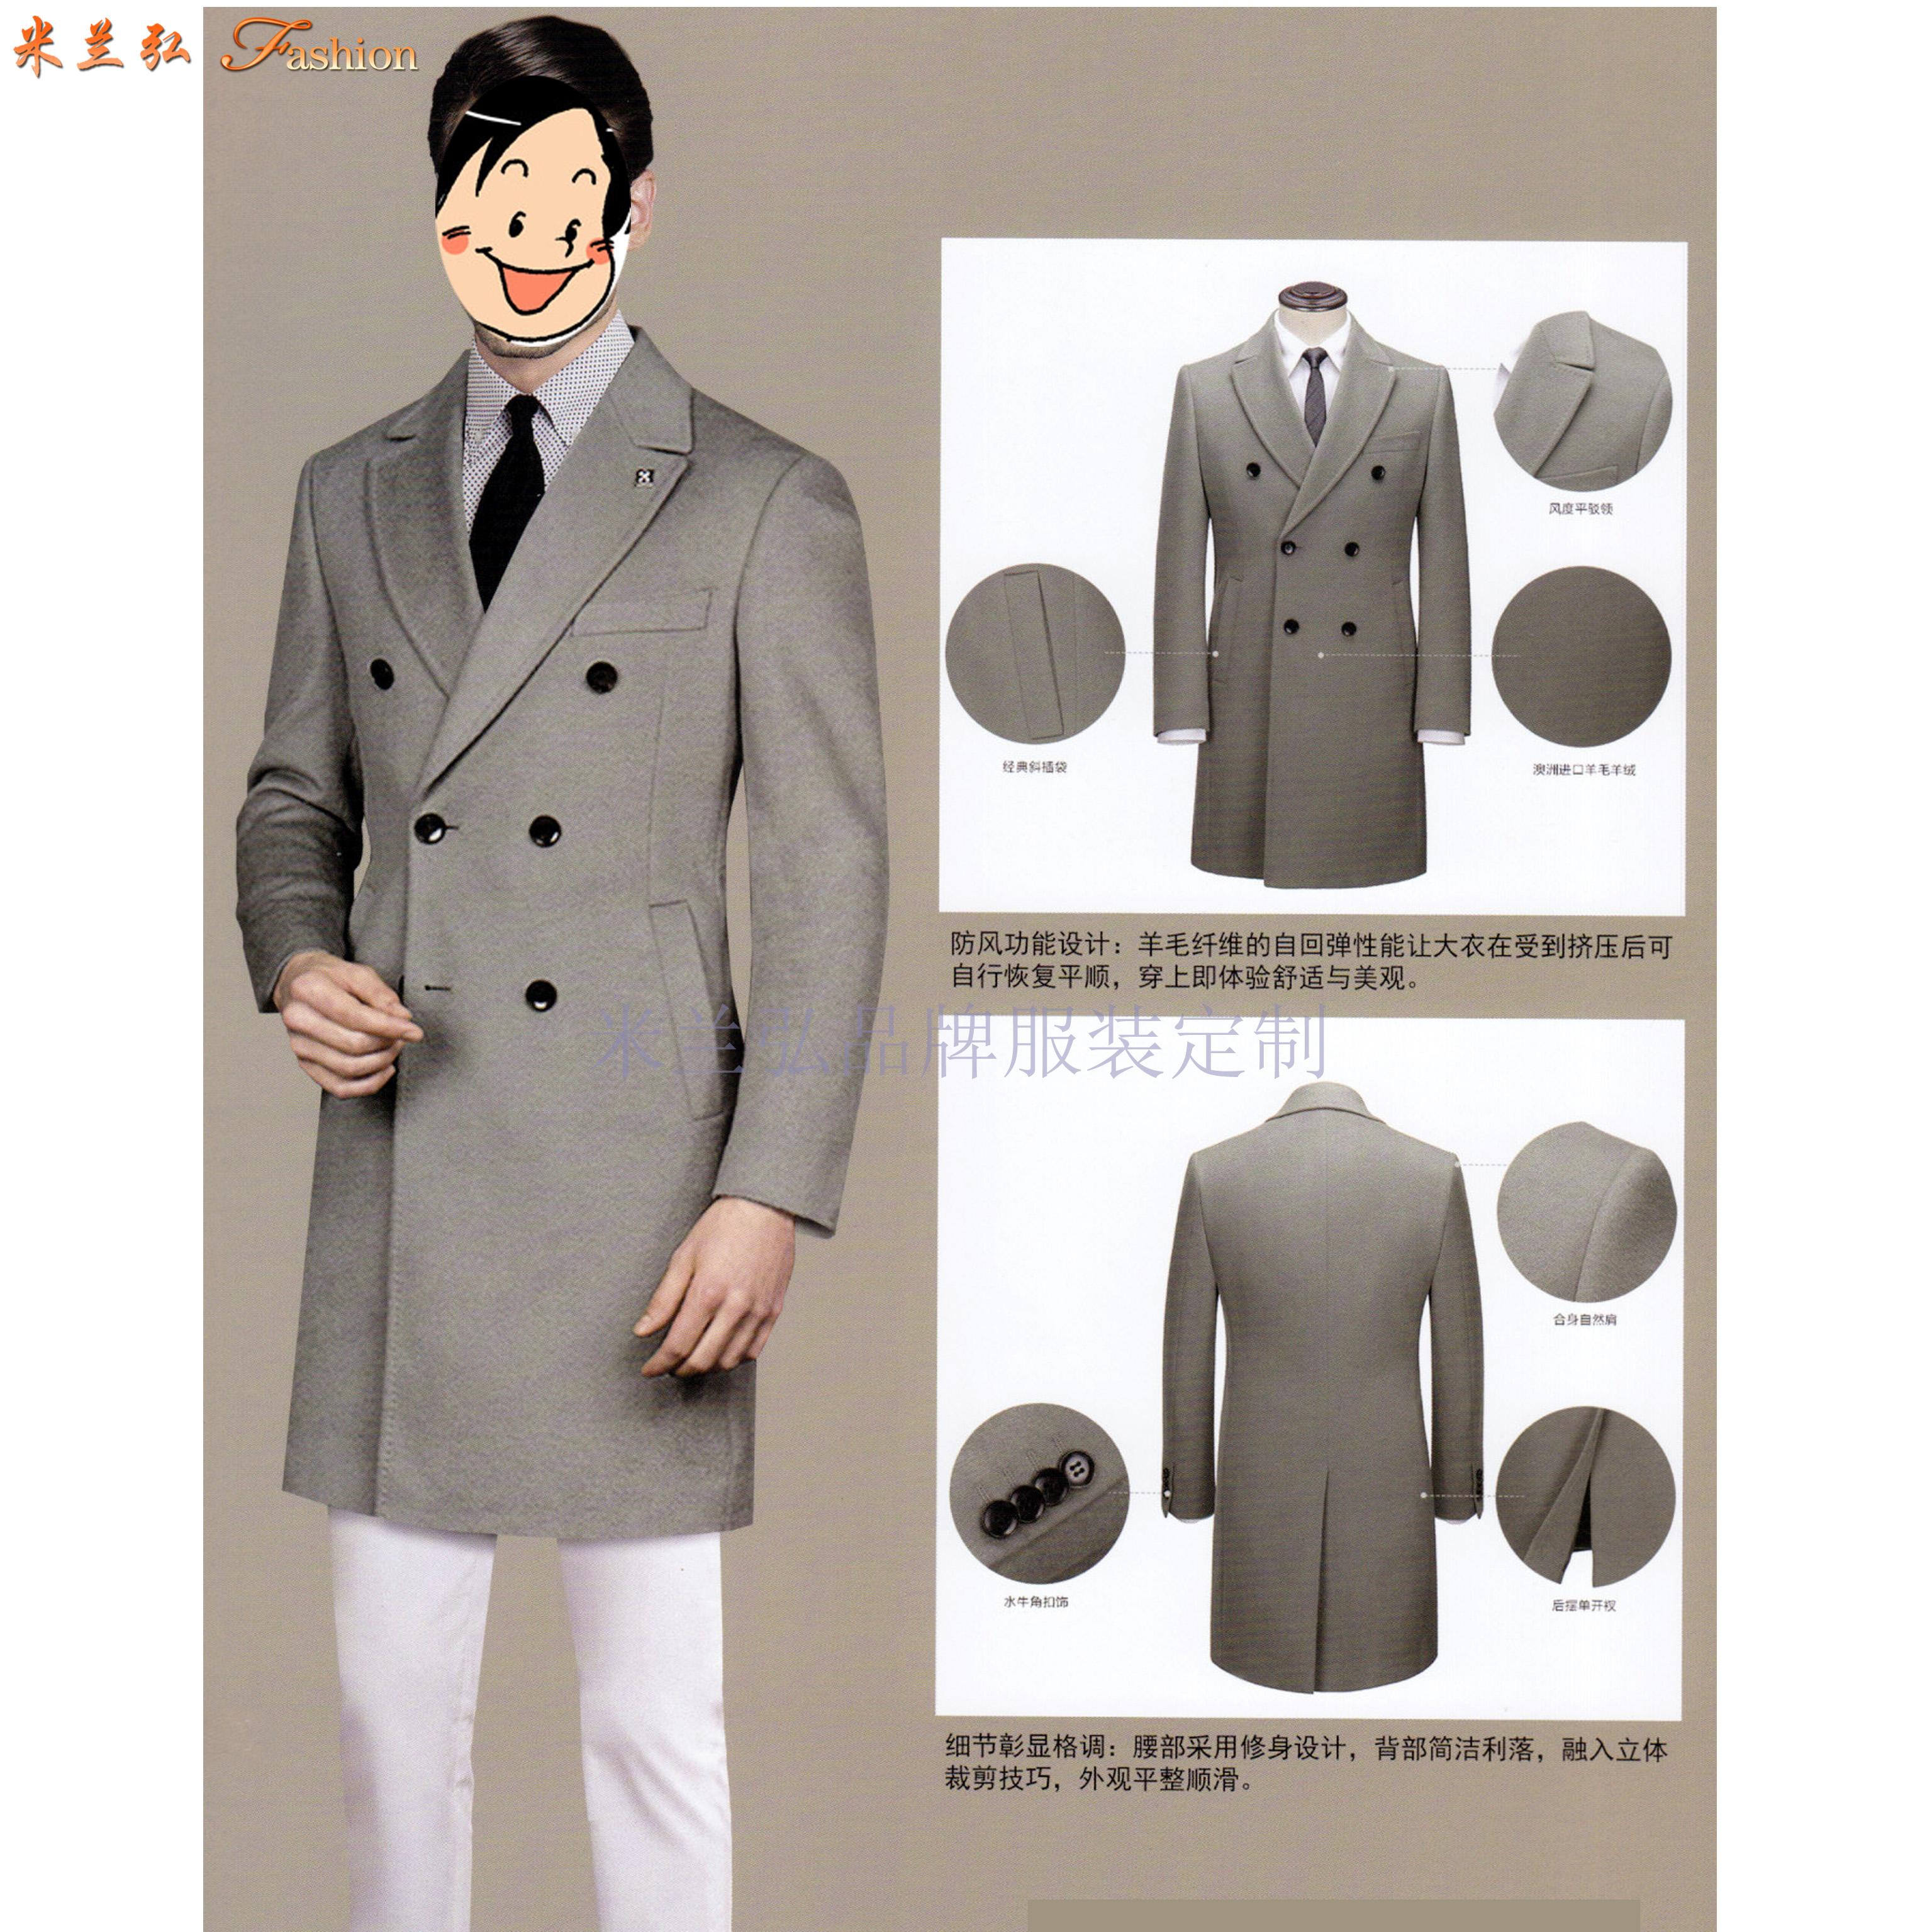 「大衣」北京量體定制訂做呢子羊毛大衣的質優廠家-米蘭弘服裝-1